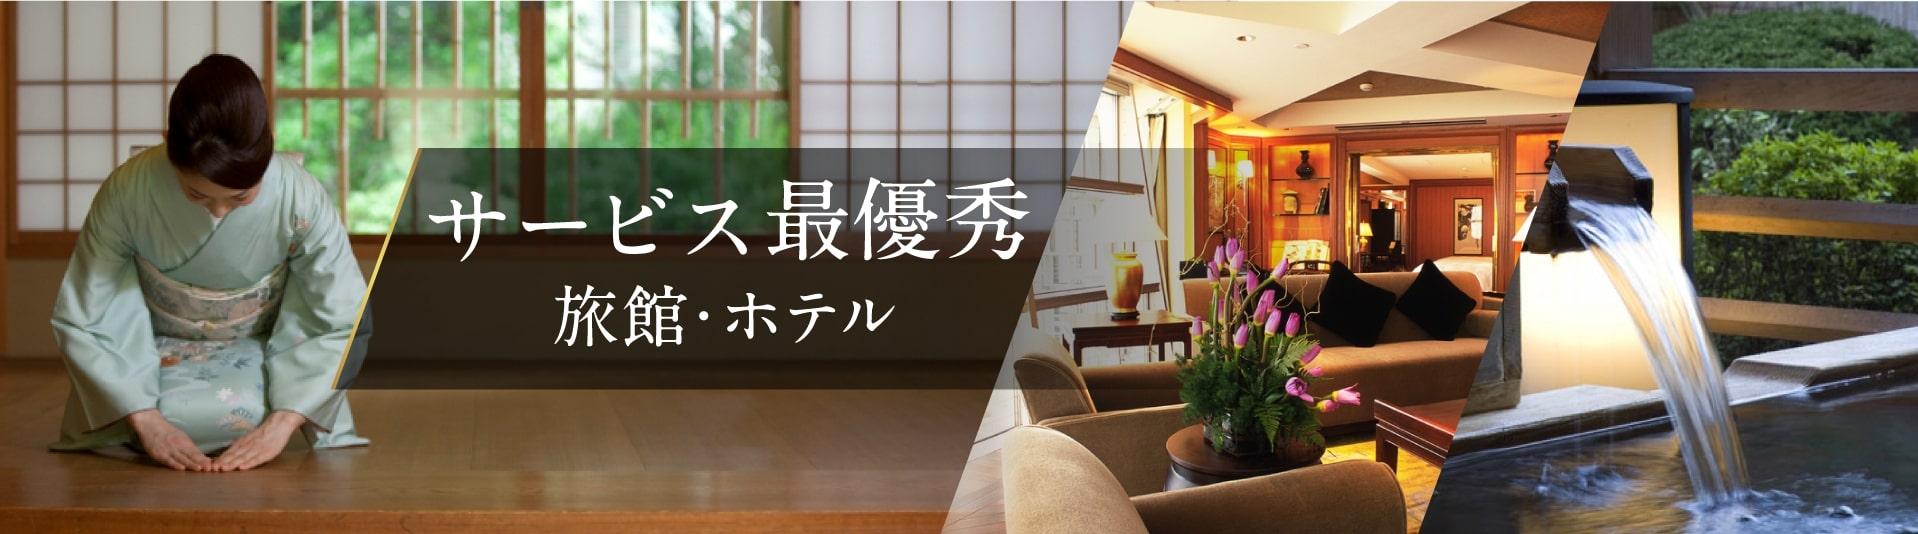 サービス最優秀 旅館・ホテル